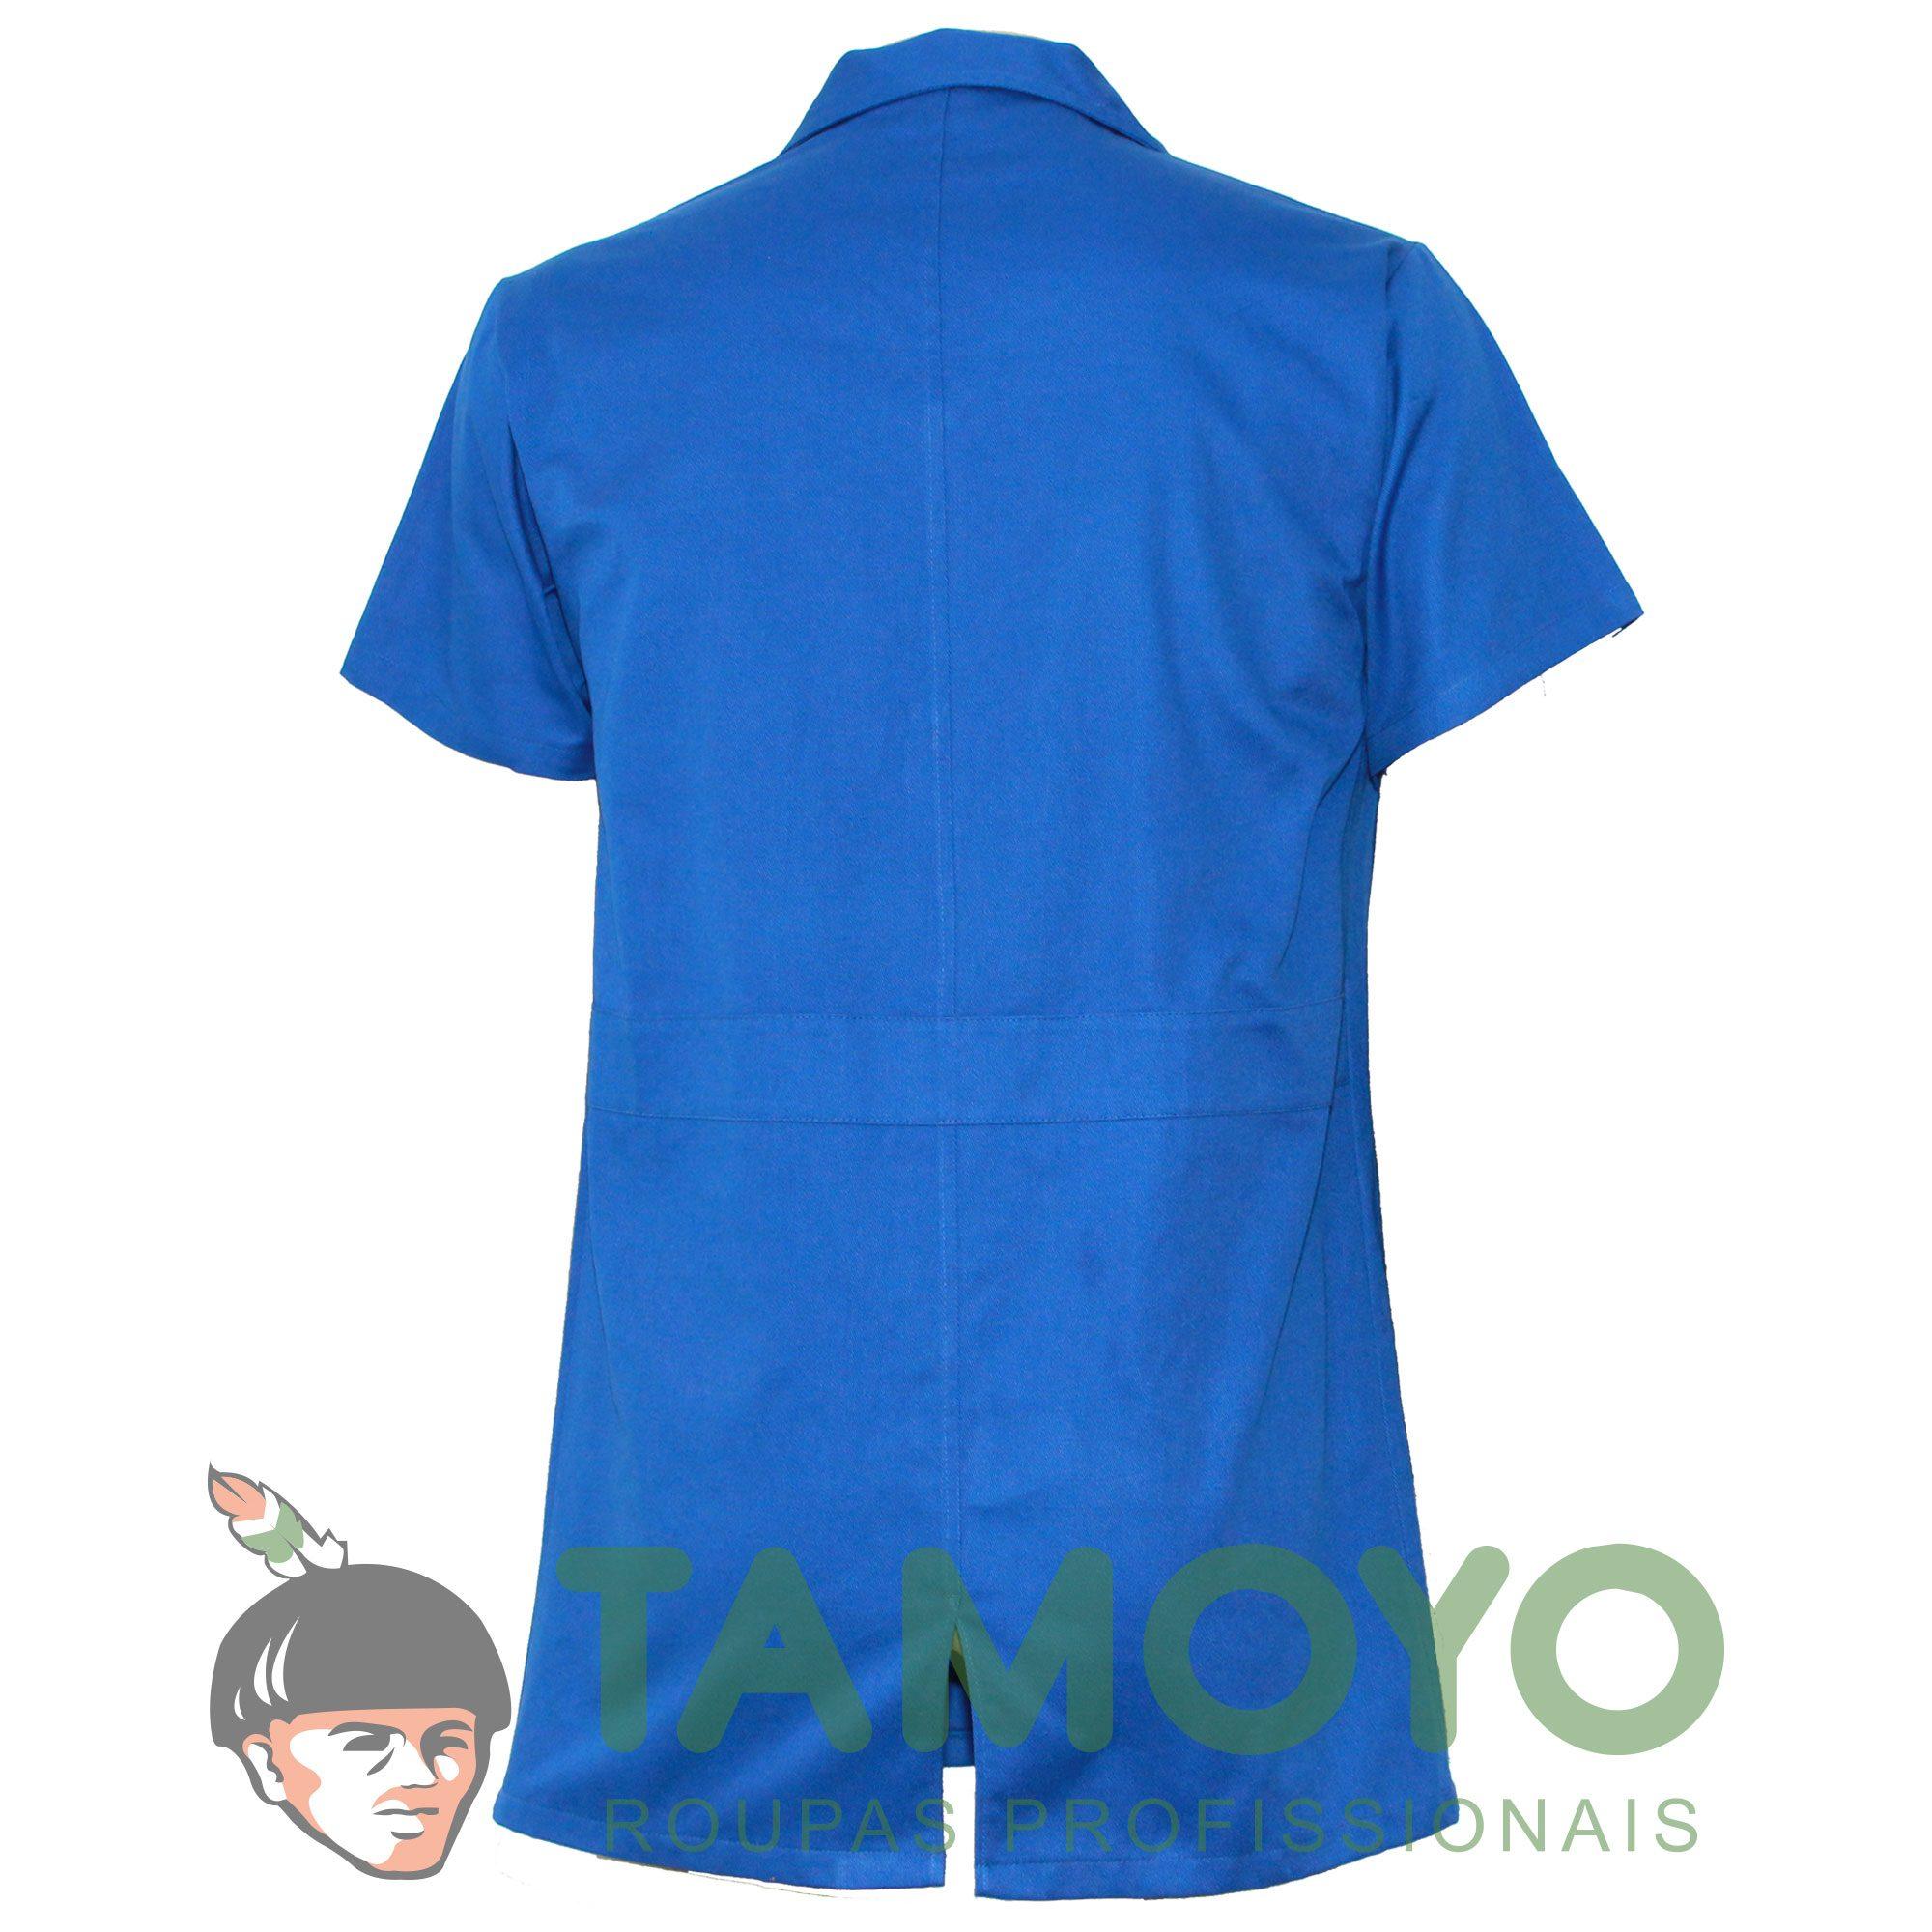 roupas-tamoyo-blusa-capa-34-manga-curta-unissex-industria-servicos-costas1